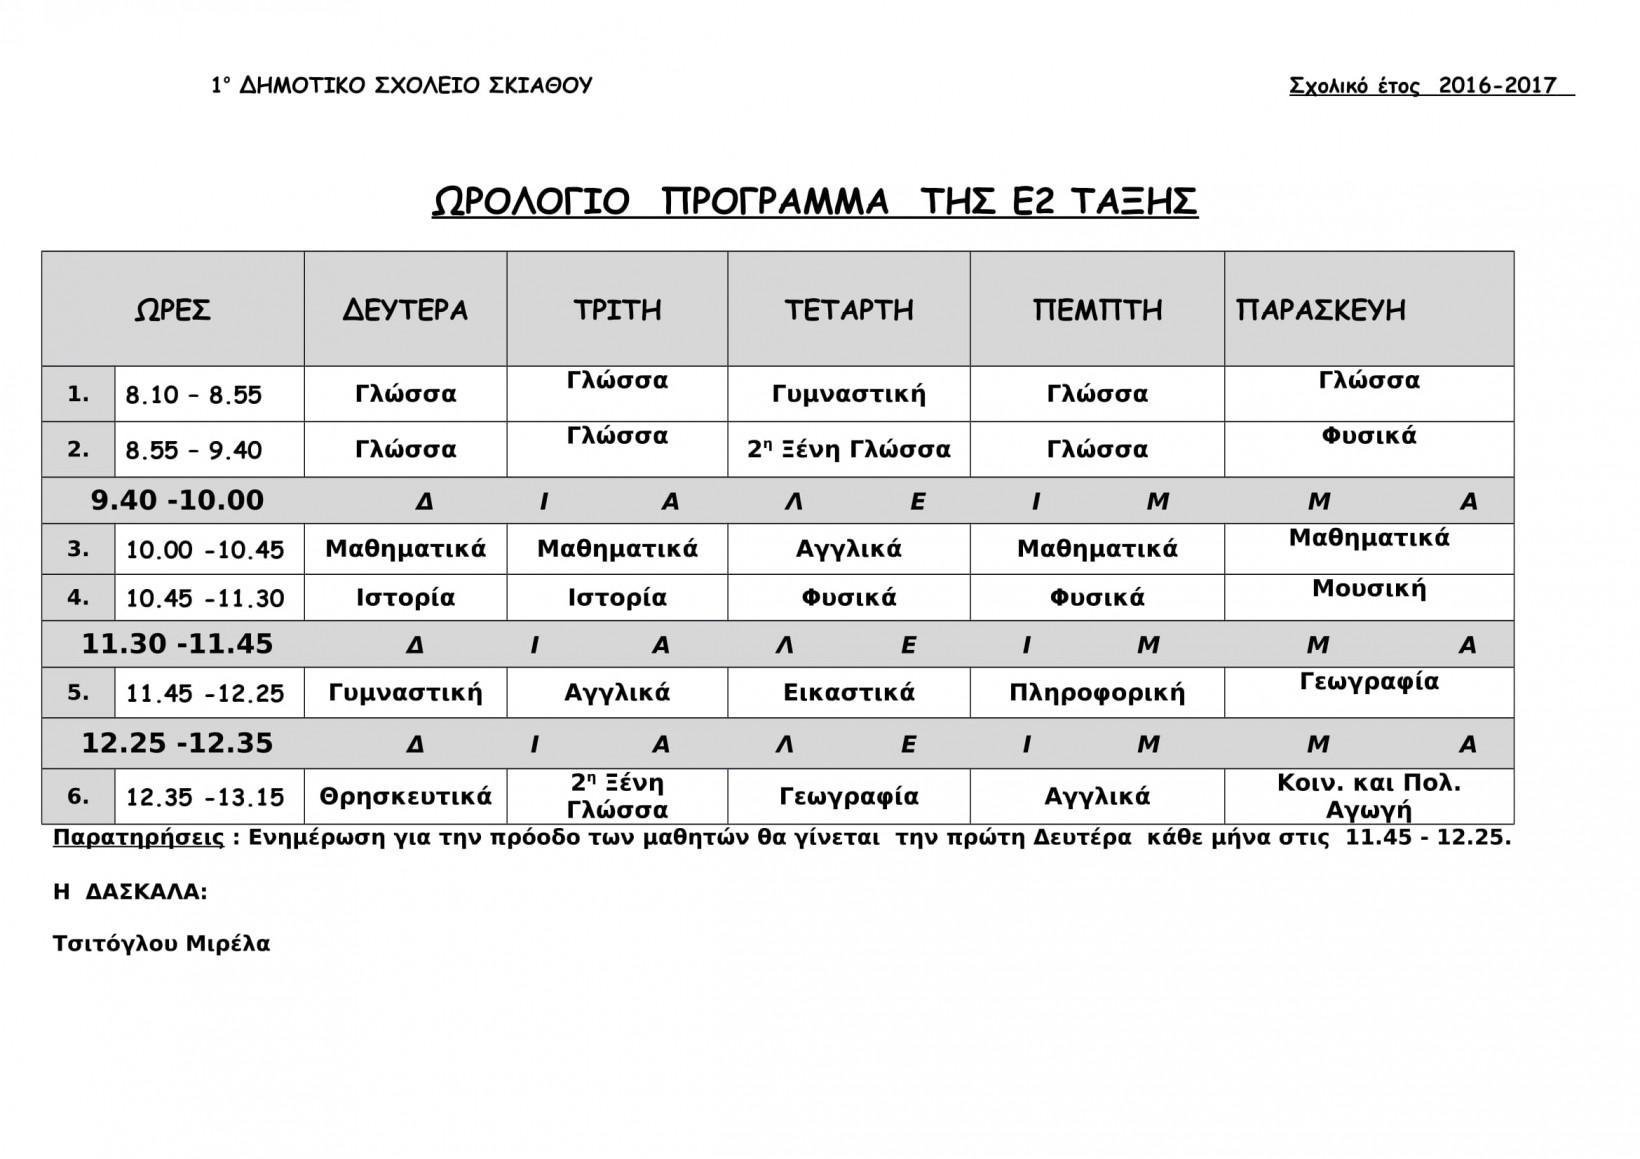 ΩΡΟΛΟΓΙΟ-ΠΡΟΓΡΑΜΜΑ-Ε23-1